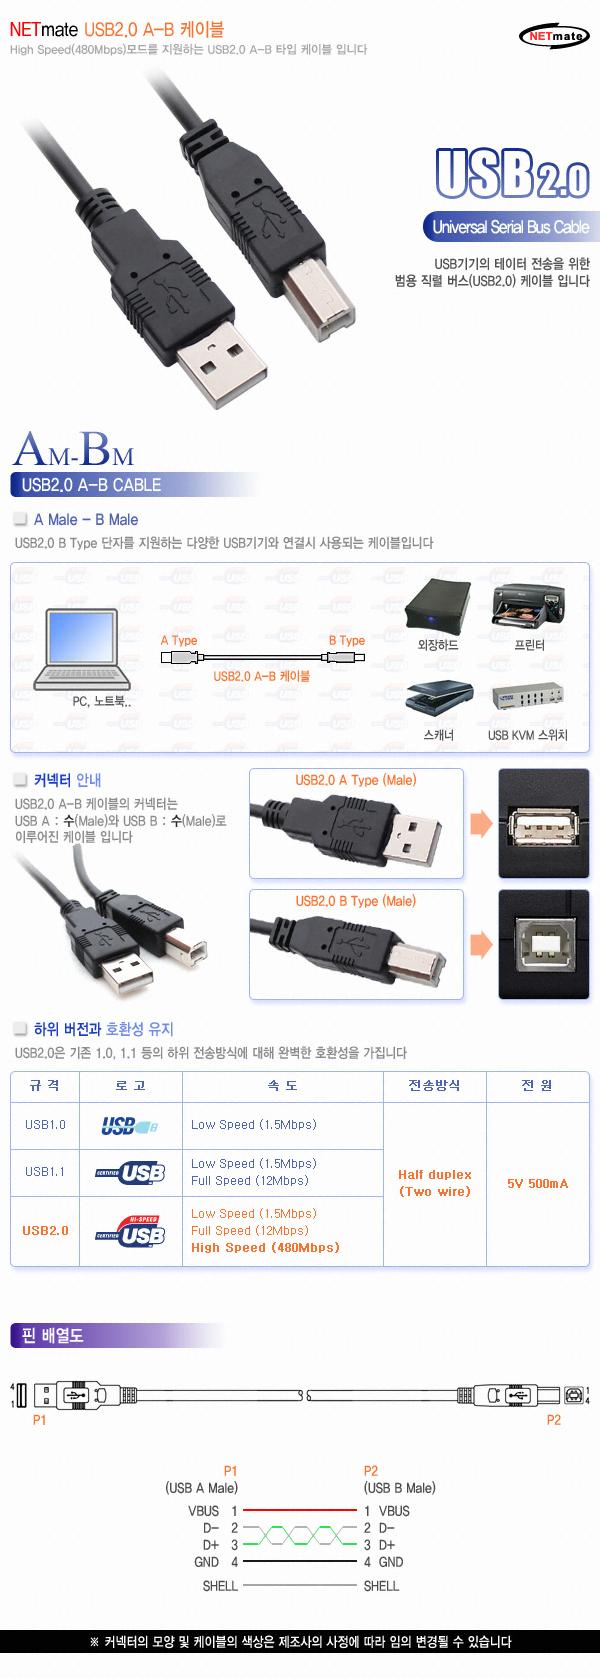 USB20_AB_BK_DB.jpg